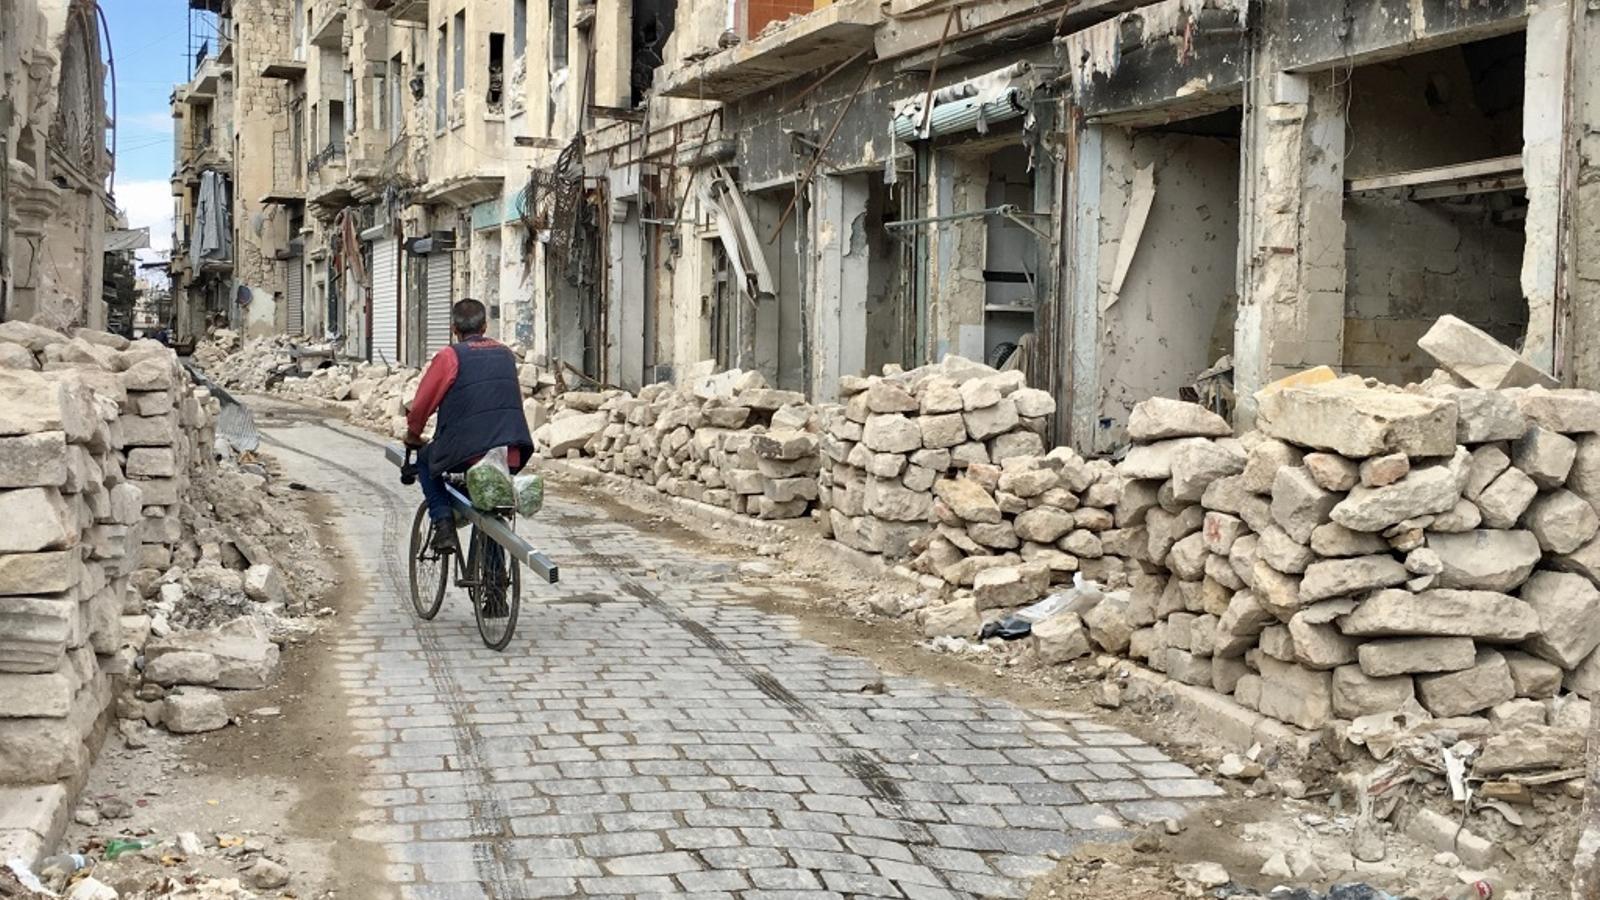 Crònica d'un retorn: Síria després de l'Estat Islàmic